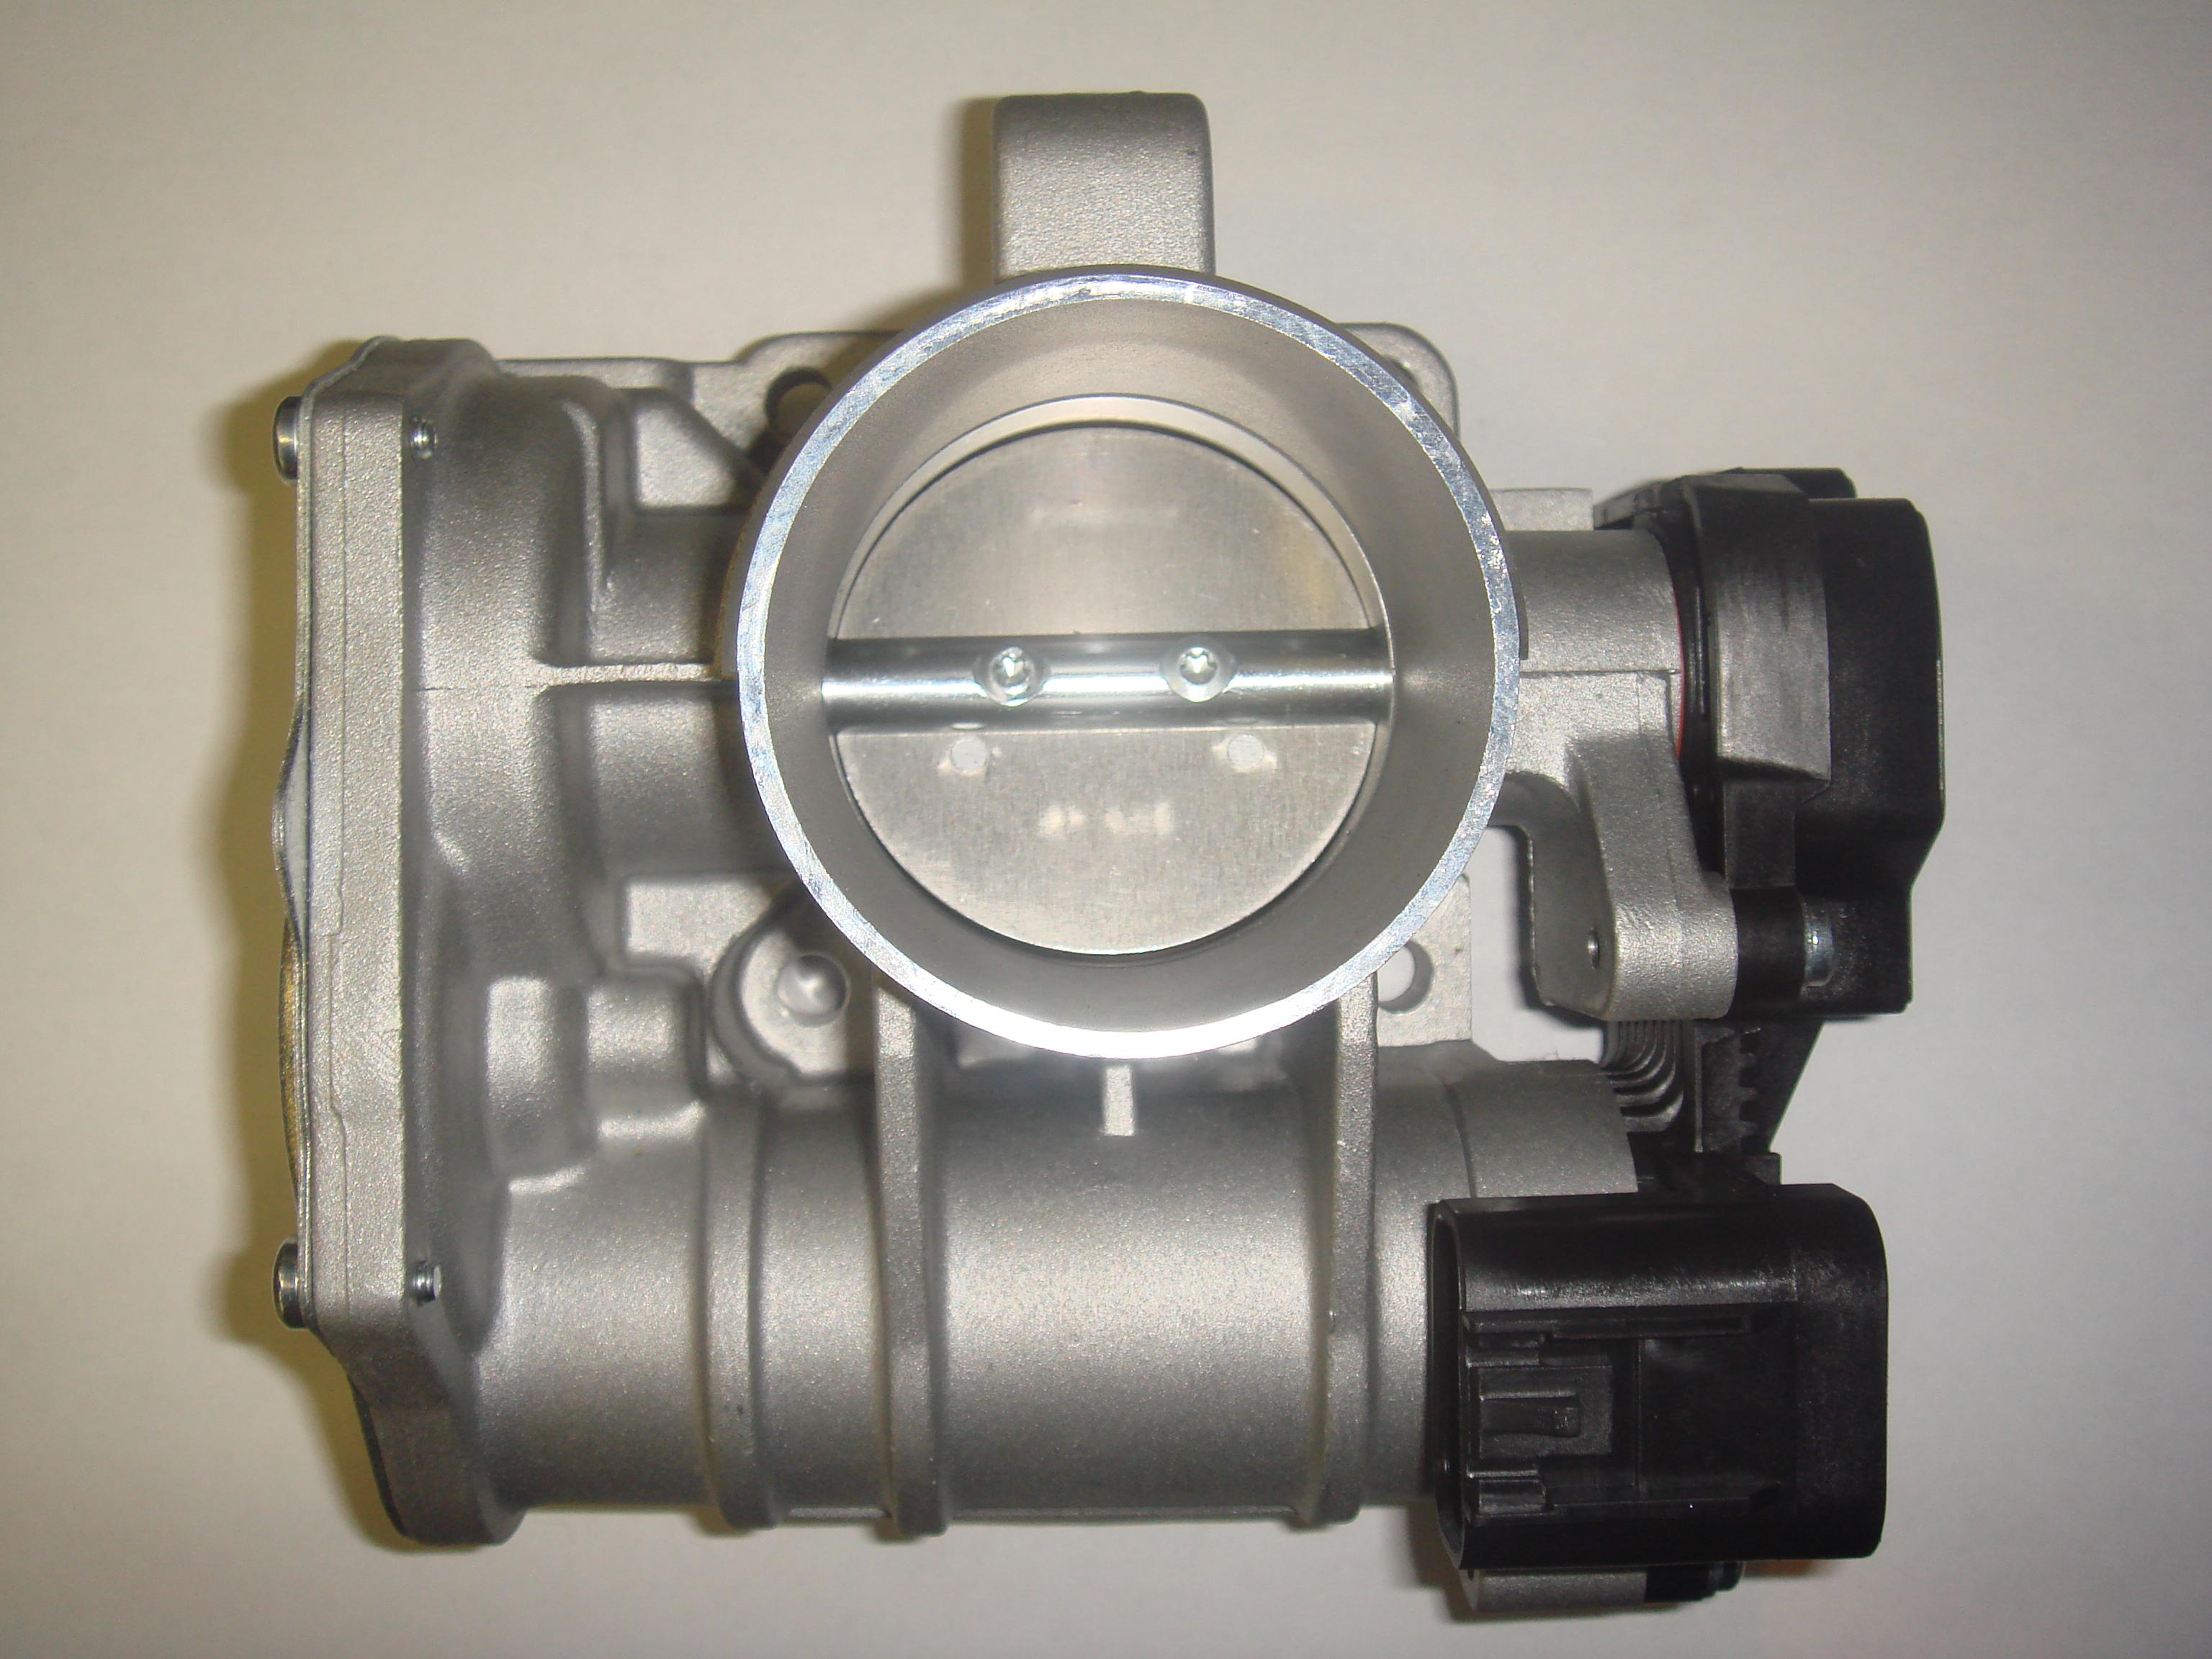 Открытие и закрытие дроссельной заслонки осуществляется с помощью электропривода по сигналам с контроллера.